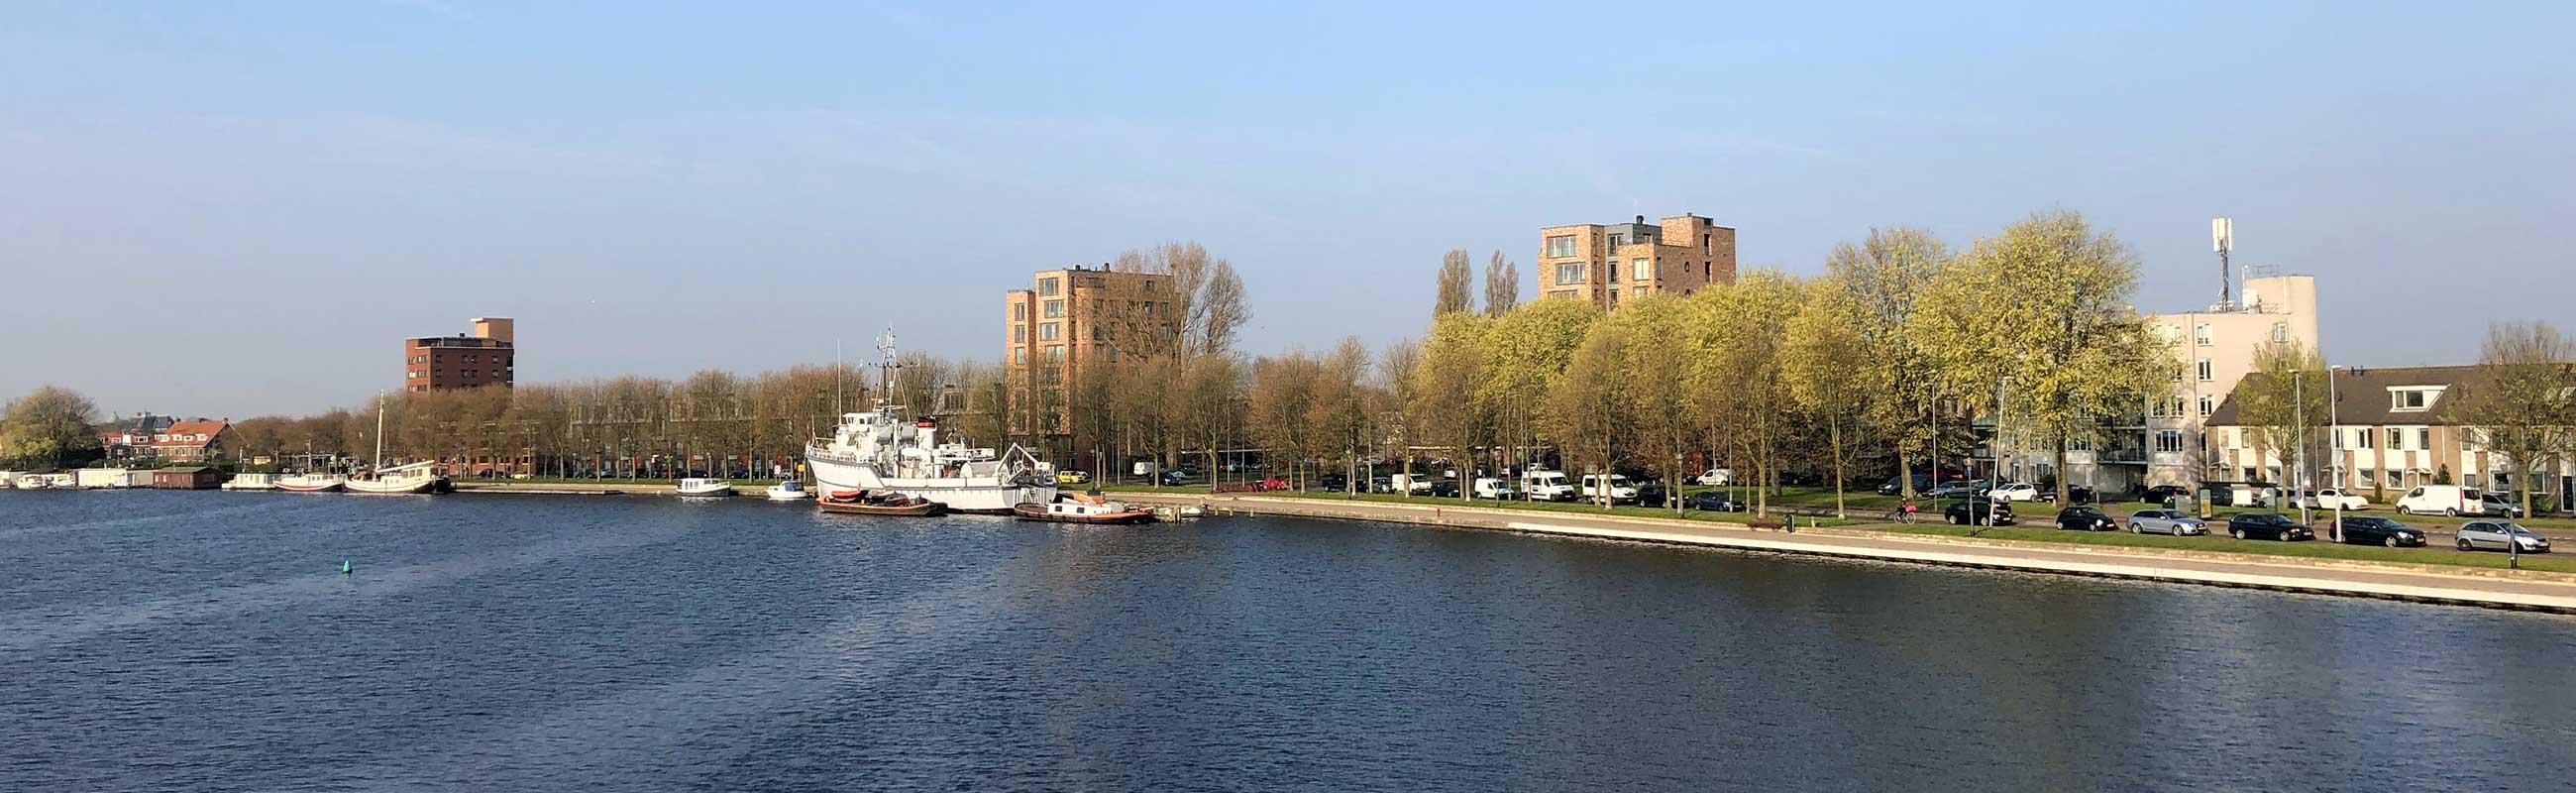 De Indische Wijk in Haarlem Noord